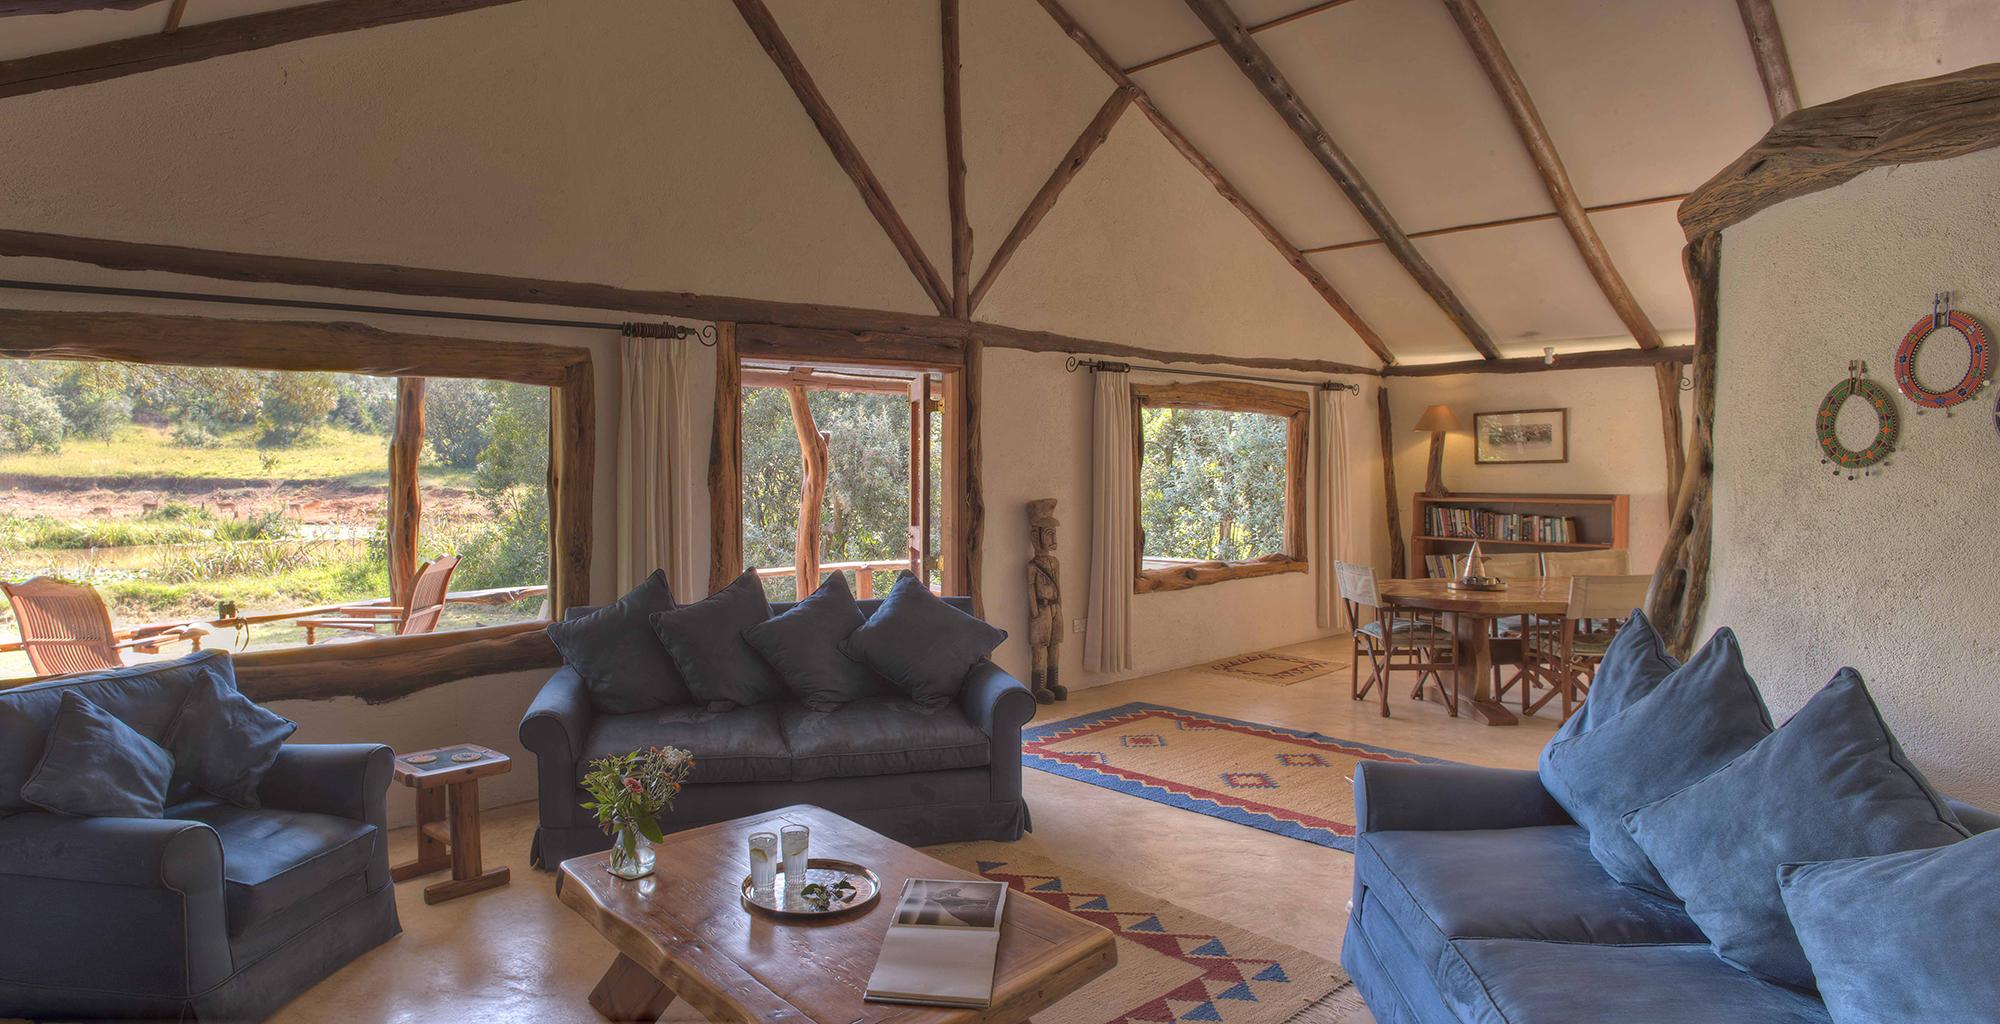 Kenya-Acacia-House-Living-Dining-Room